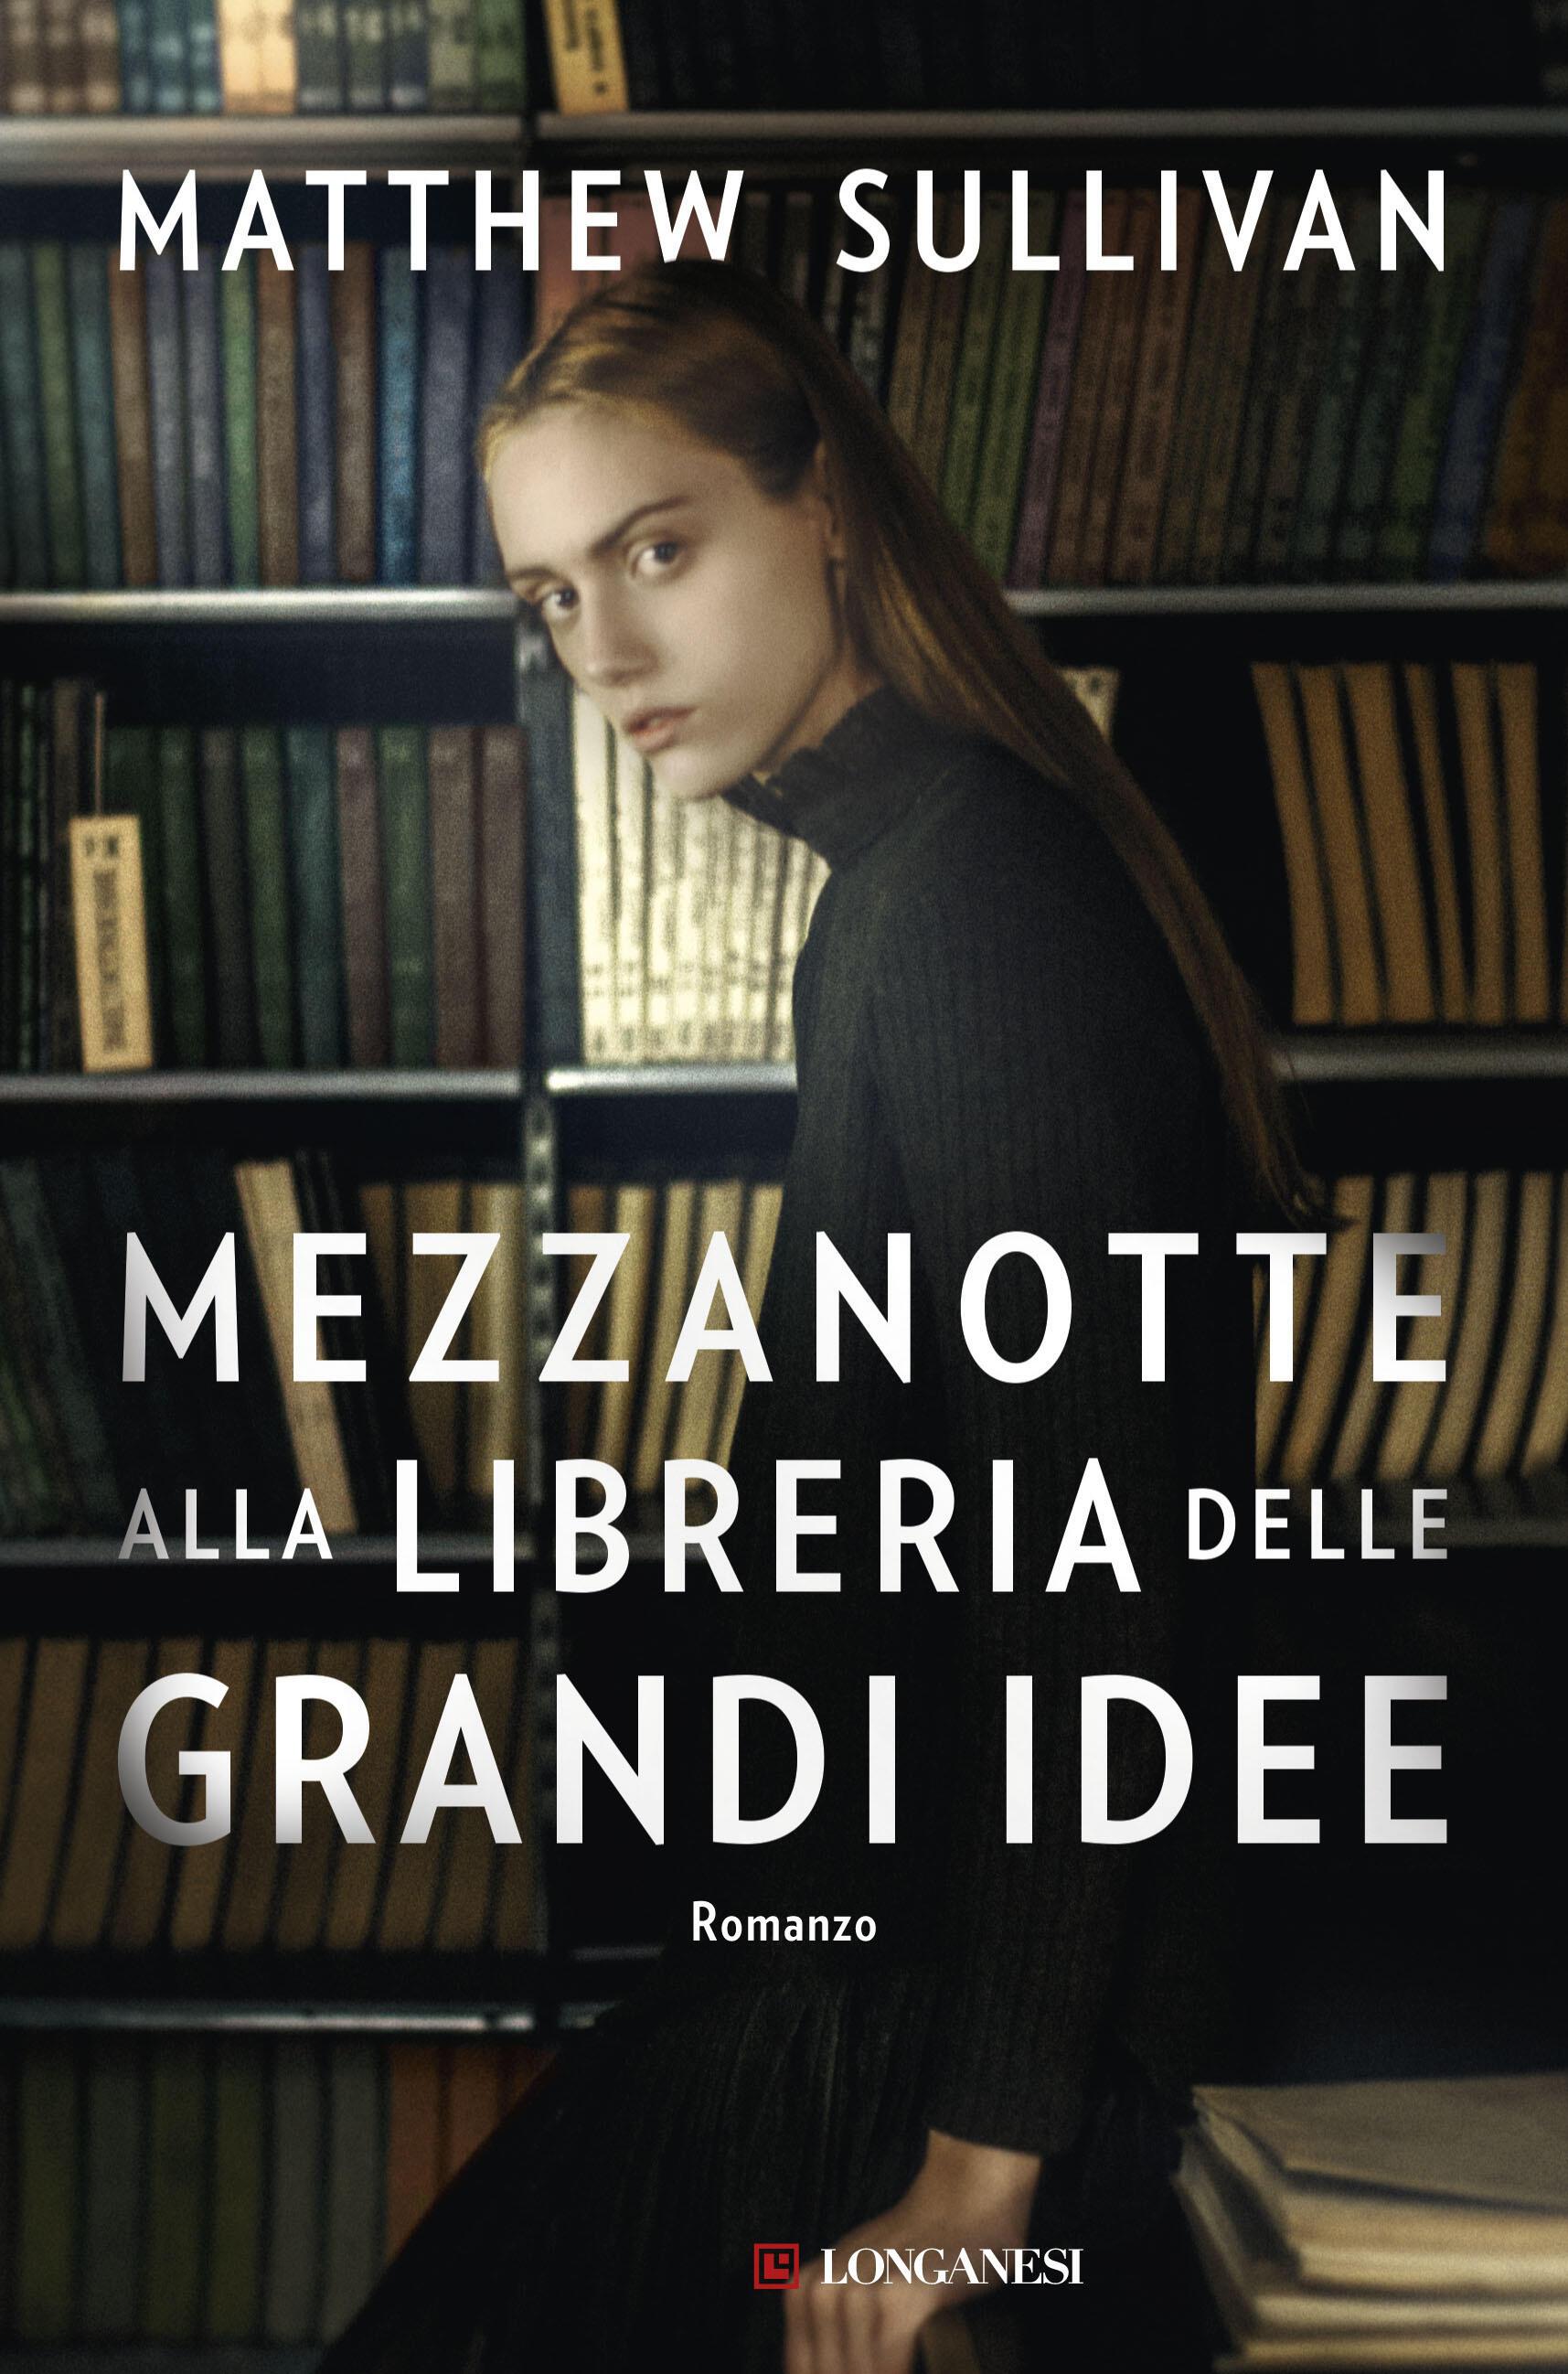 In libreria #121 - Mezzanotte alla libreria delle grandi idee